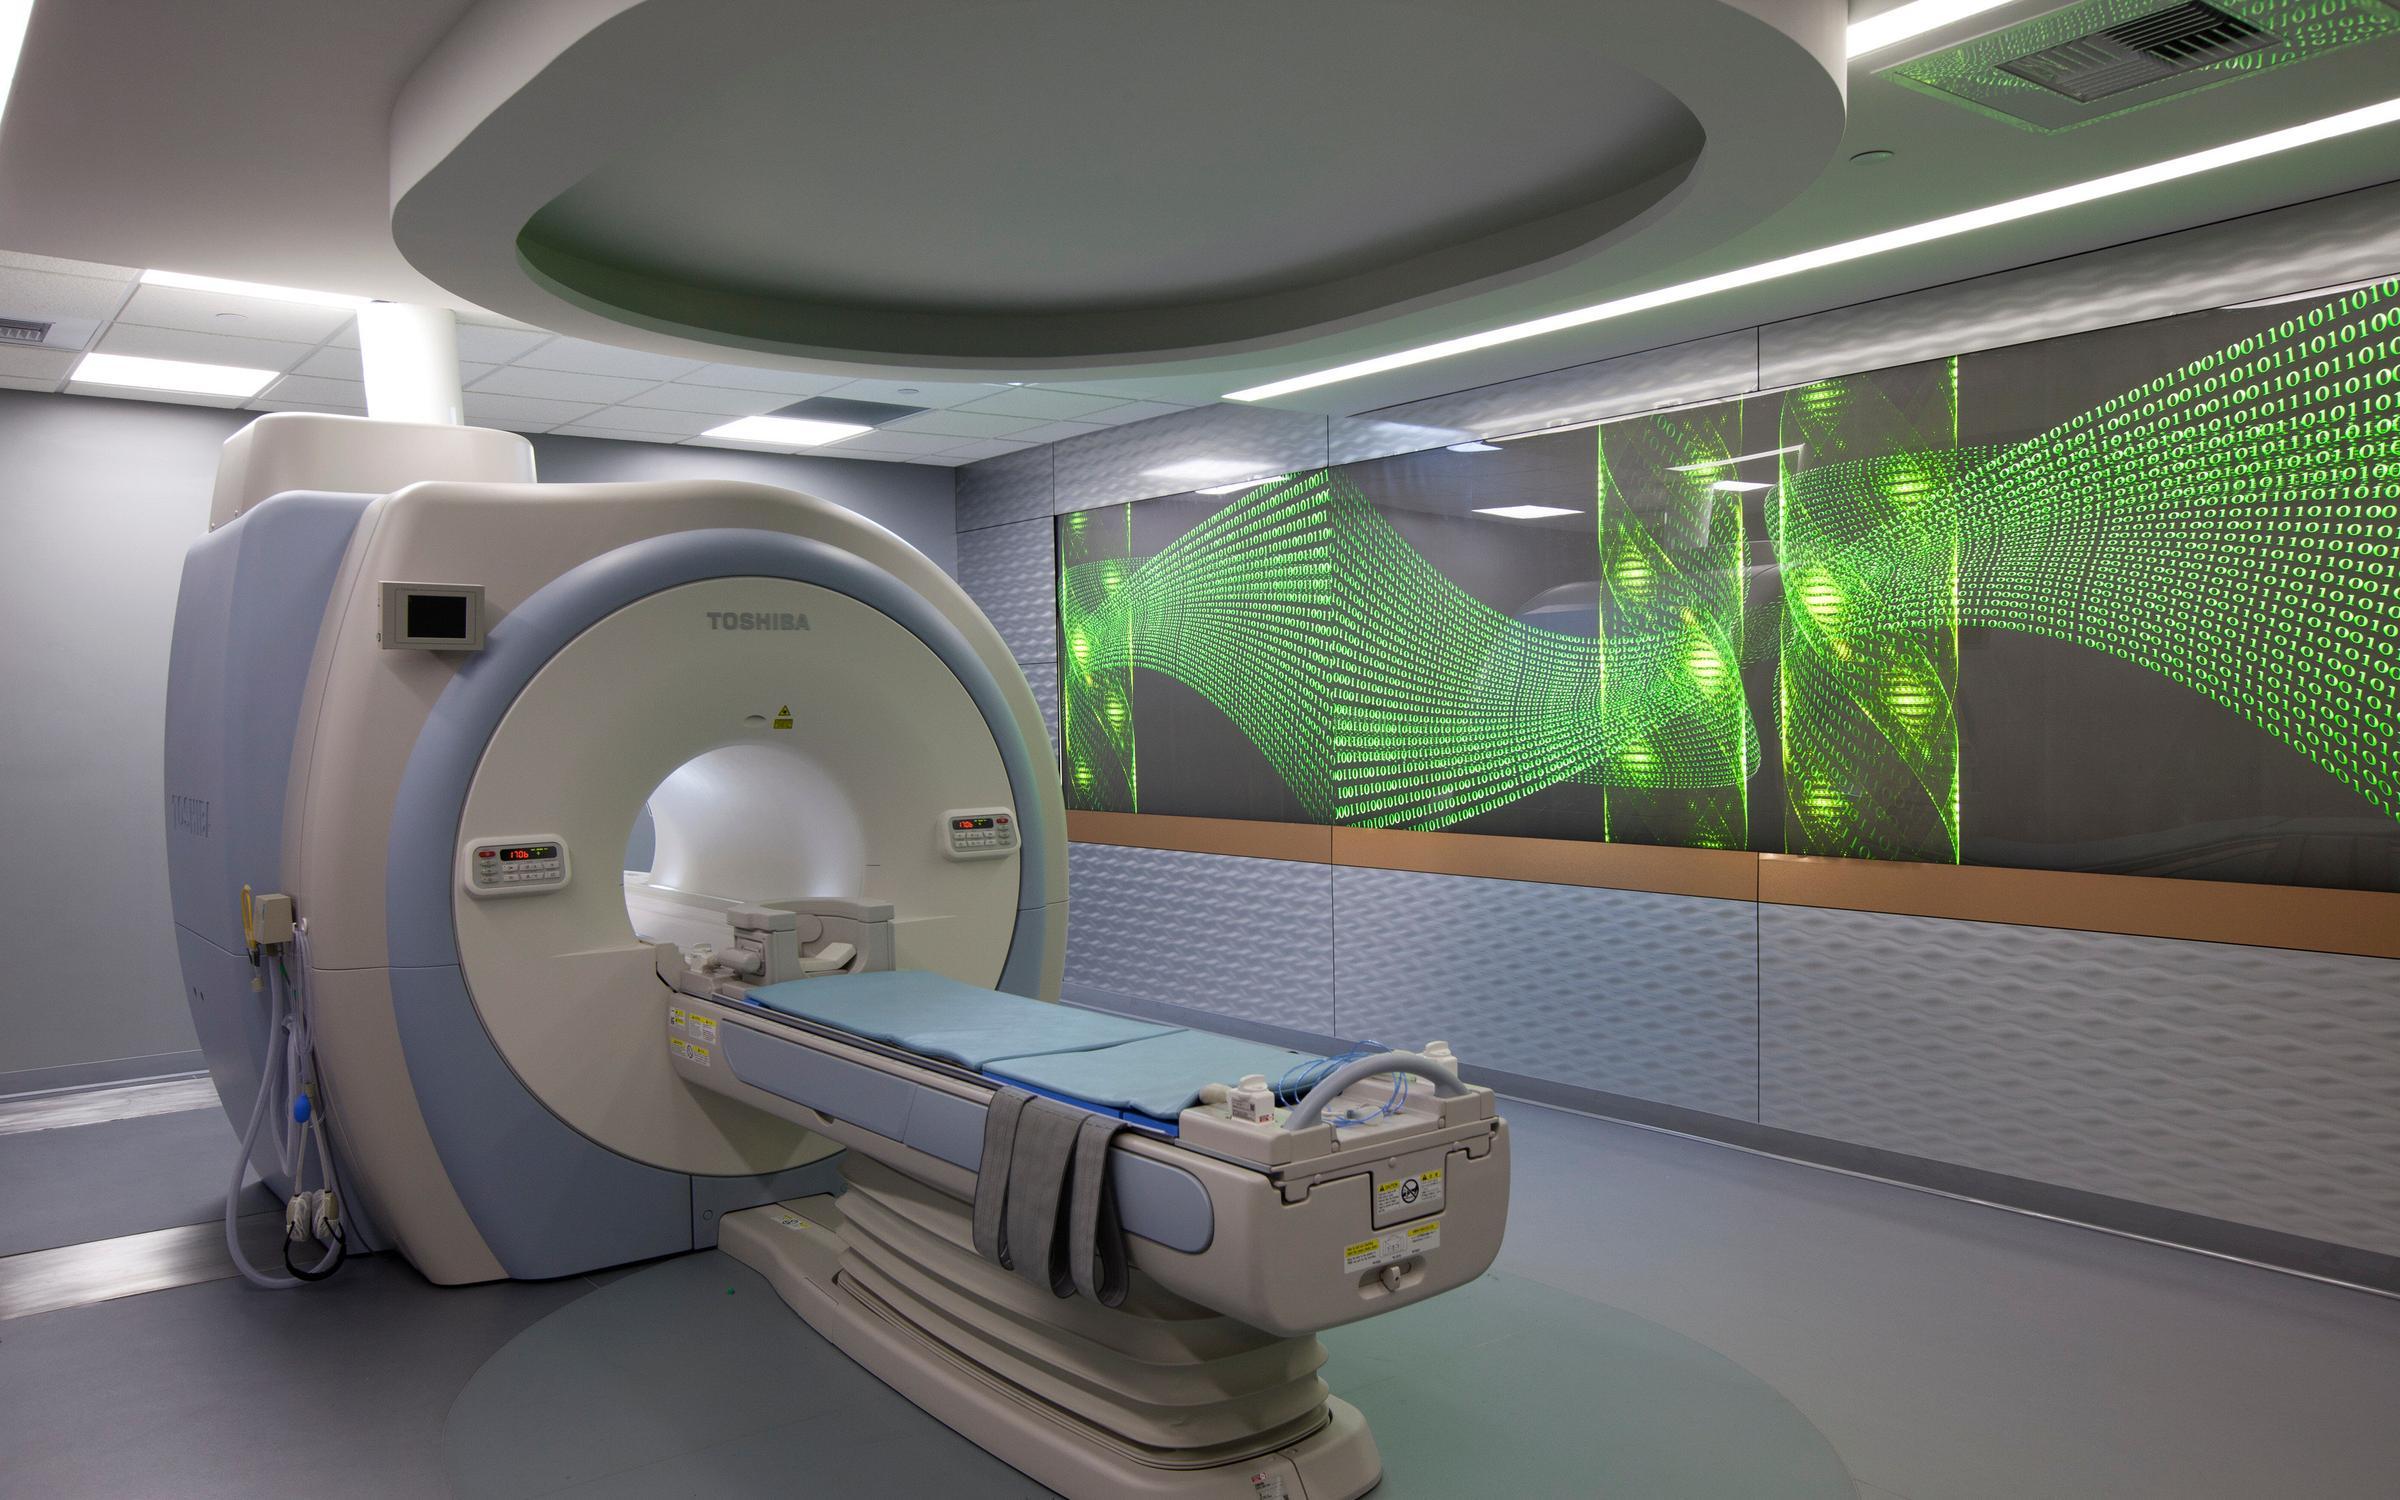 фотография Диагностического центра МРТ Лидер на проспекте Гагарина